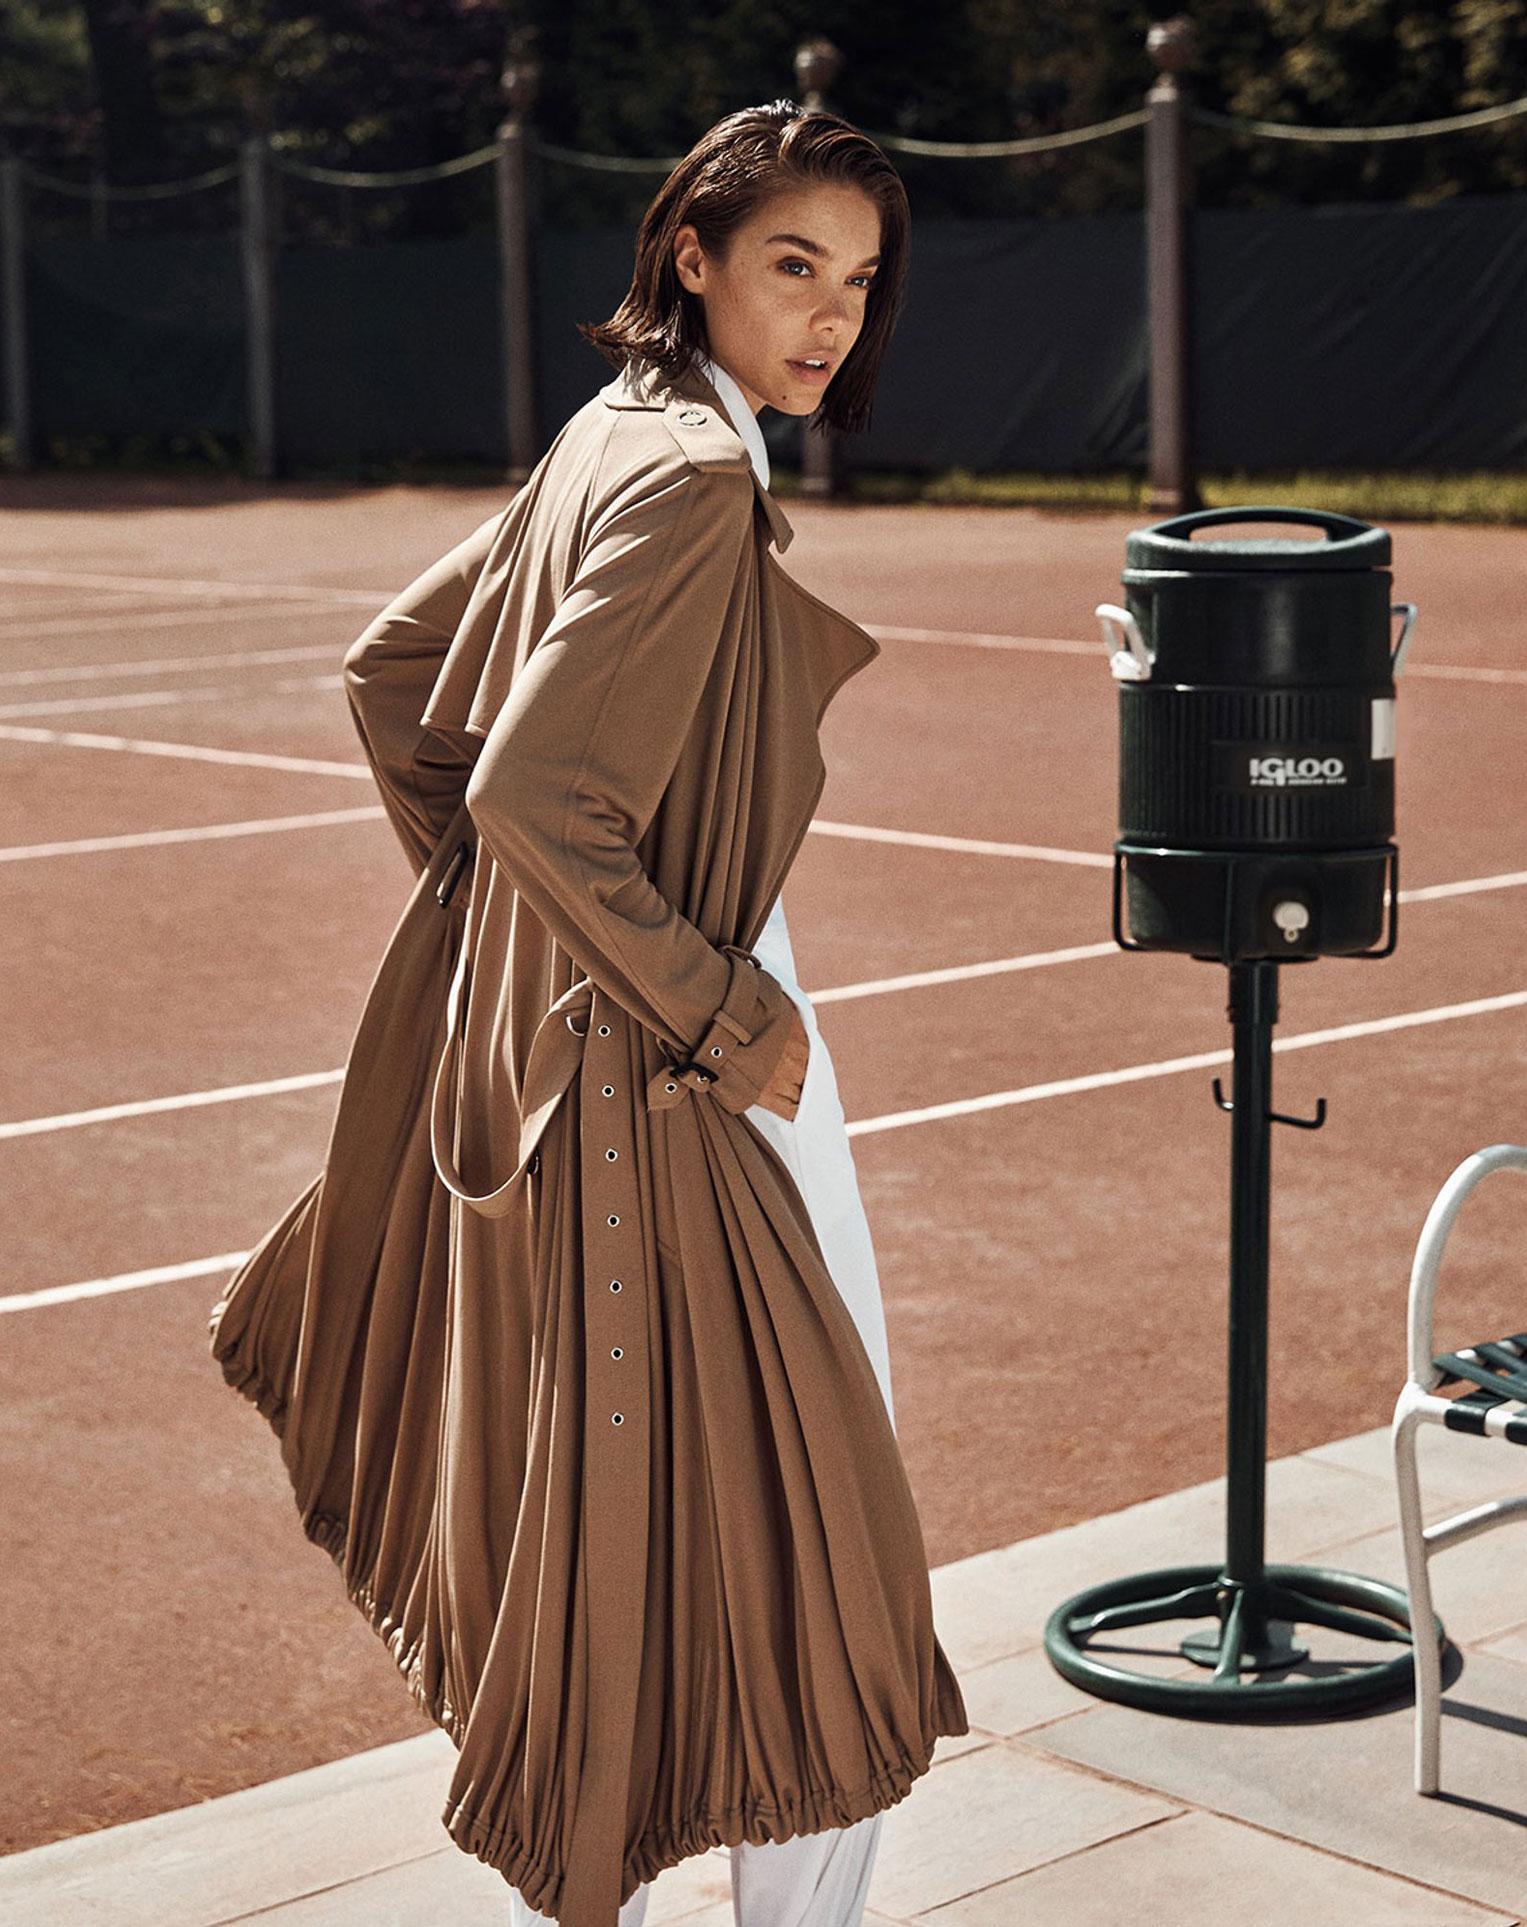 -Королева кортов- Мишель Дантас в модной одежде спортивного стиля / фото 12